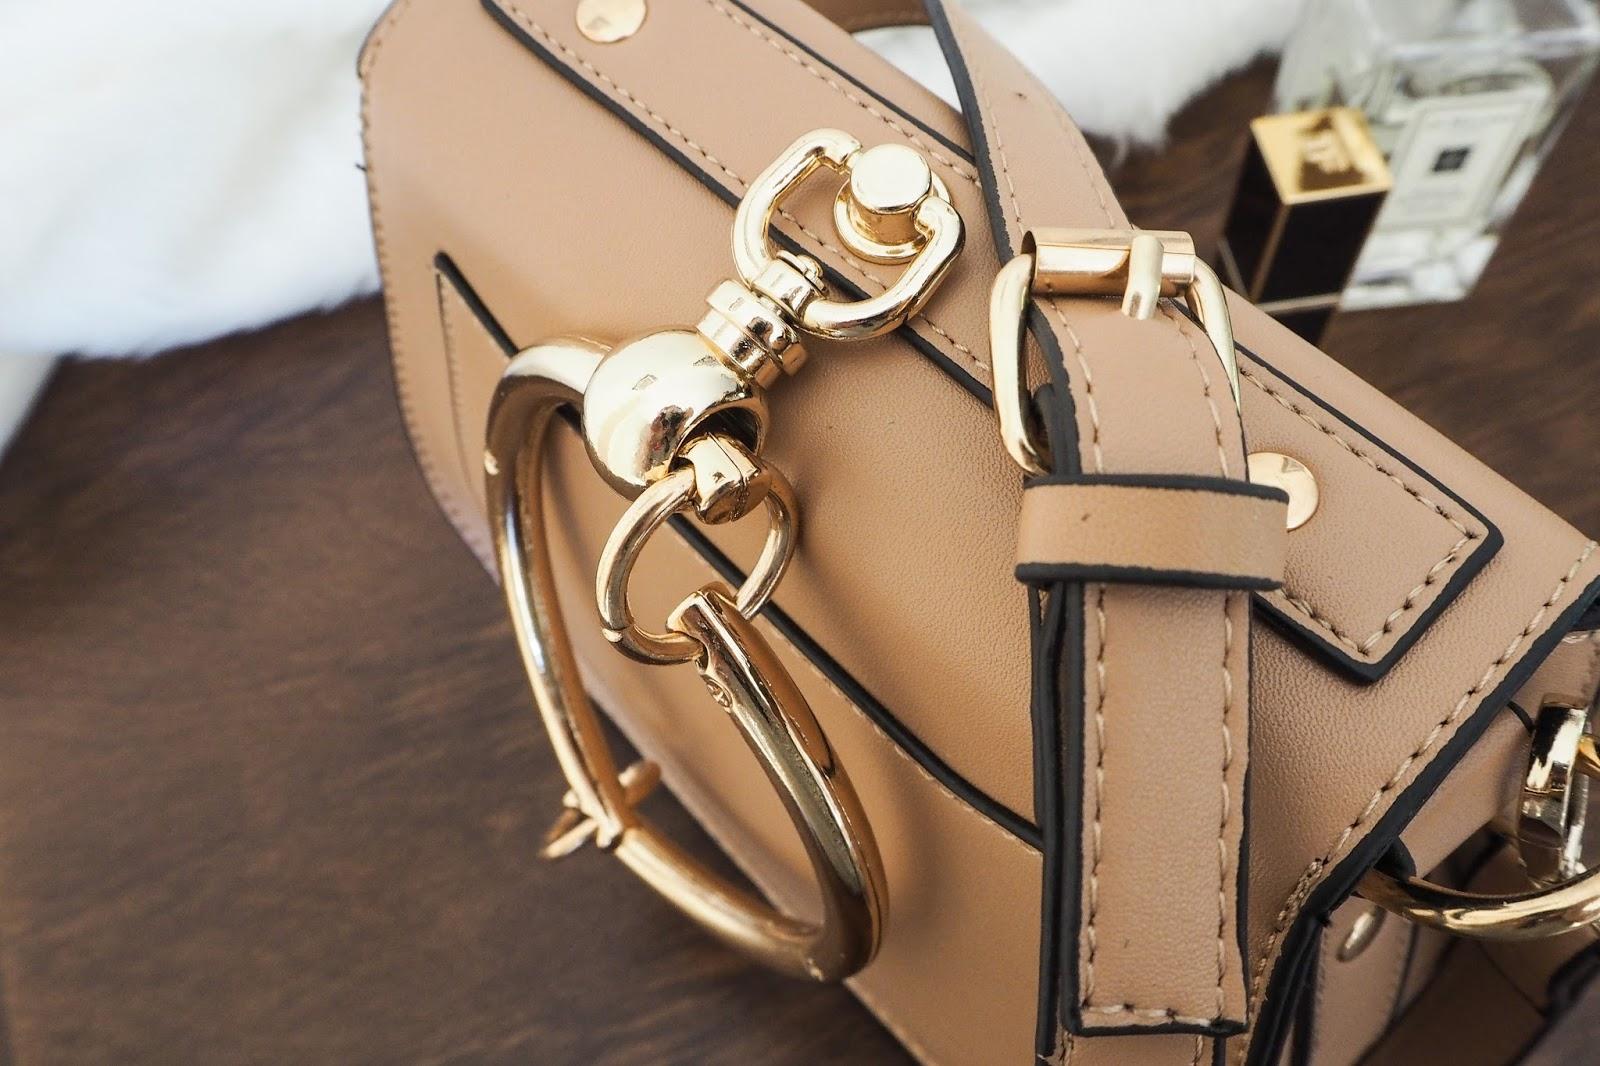 Strap details on the Chloe Nile dupe handbag